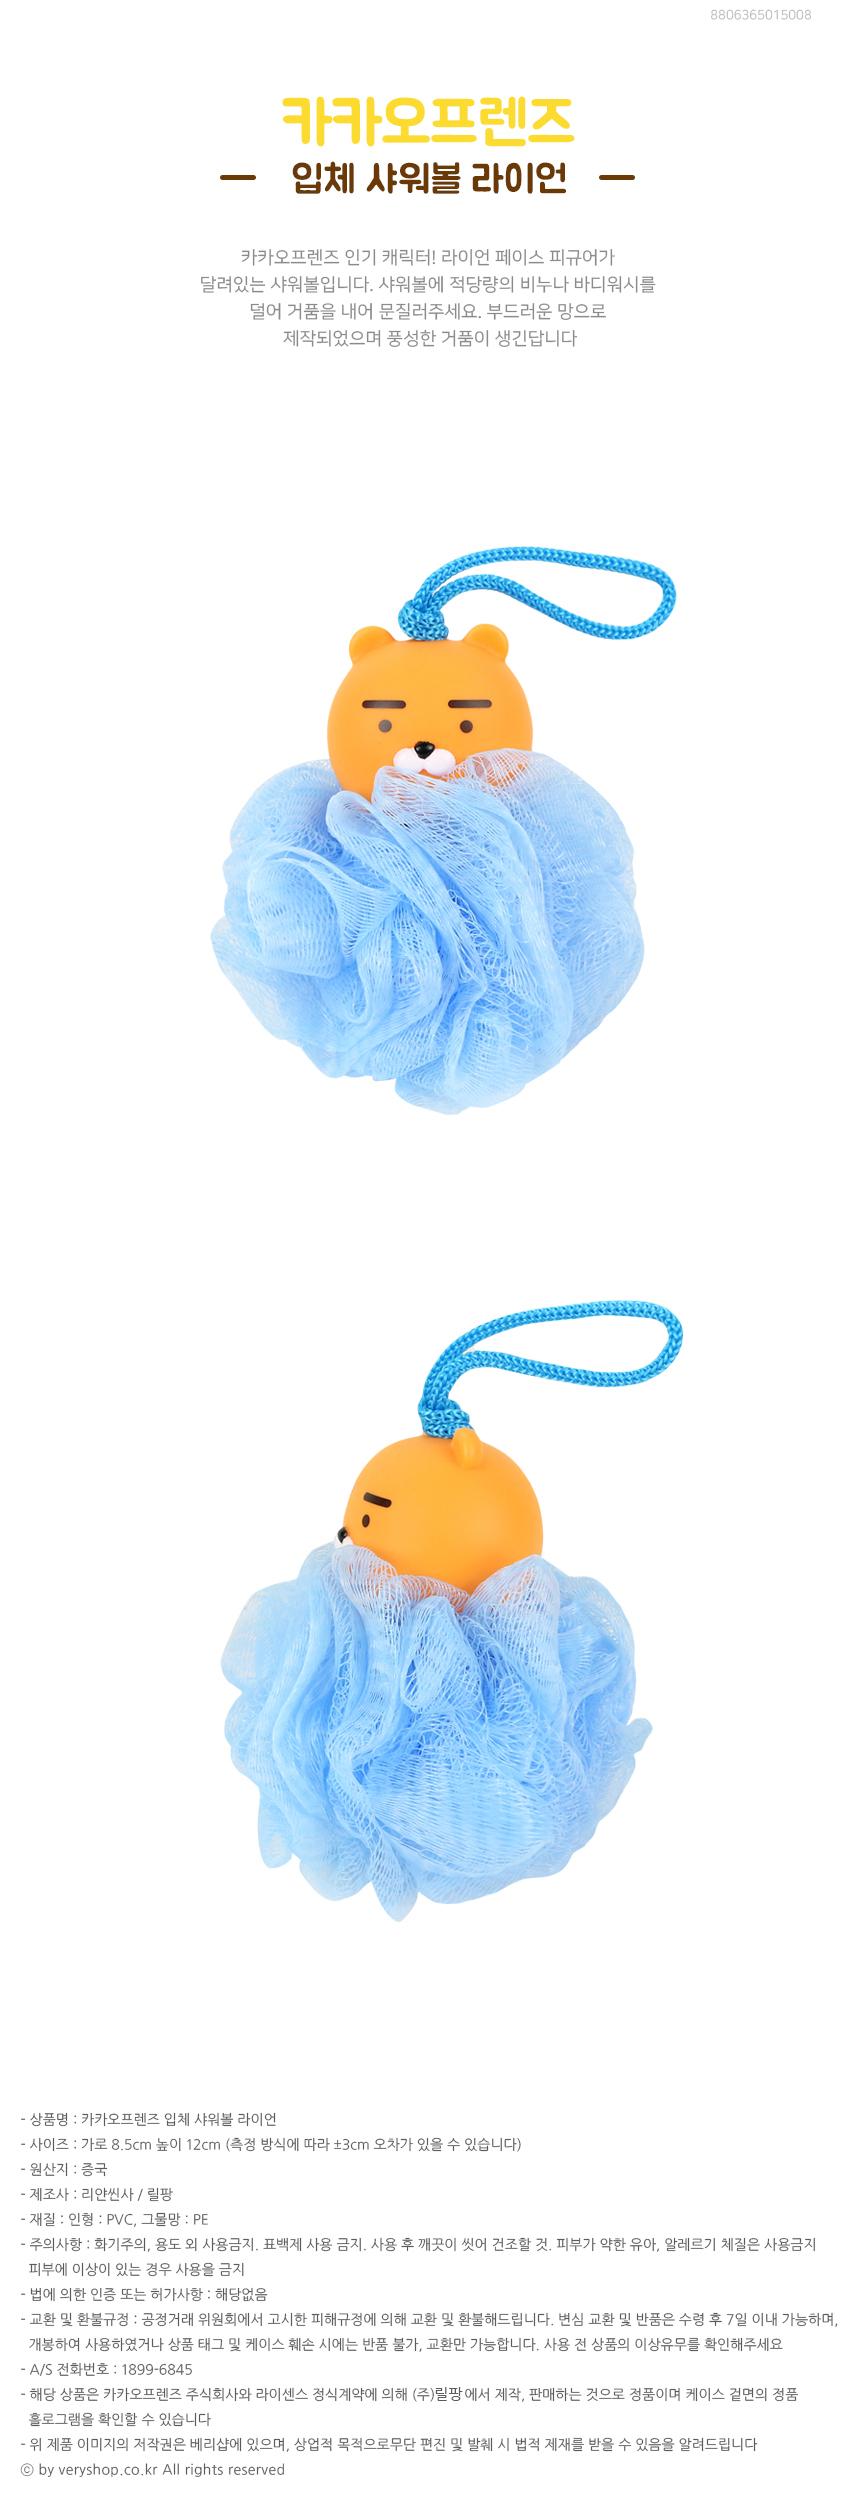 카카오프렌즈 입체 샤워볼 라이언 - 베리샵, 6,000원, 세안/목욕, 샤워볼/때타올